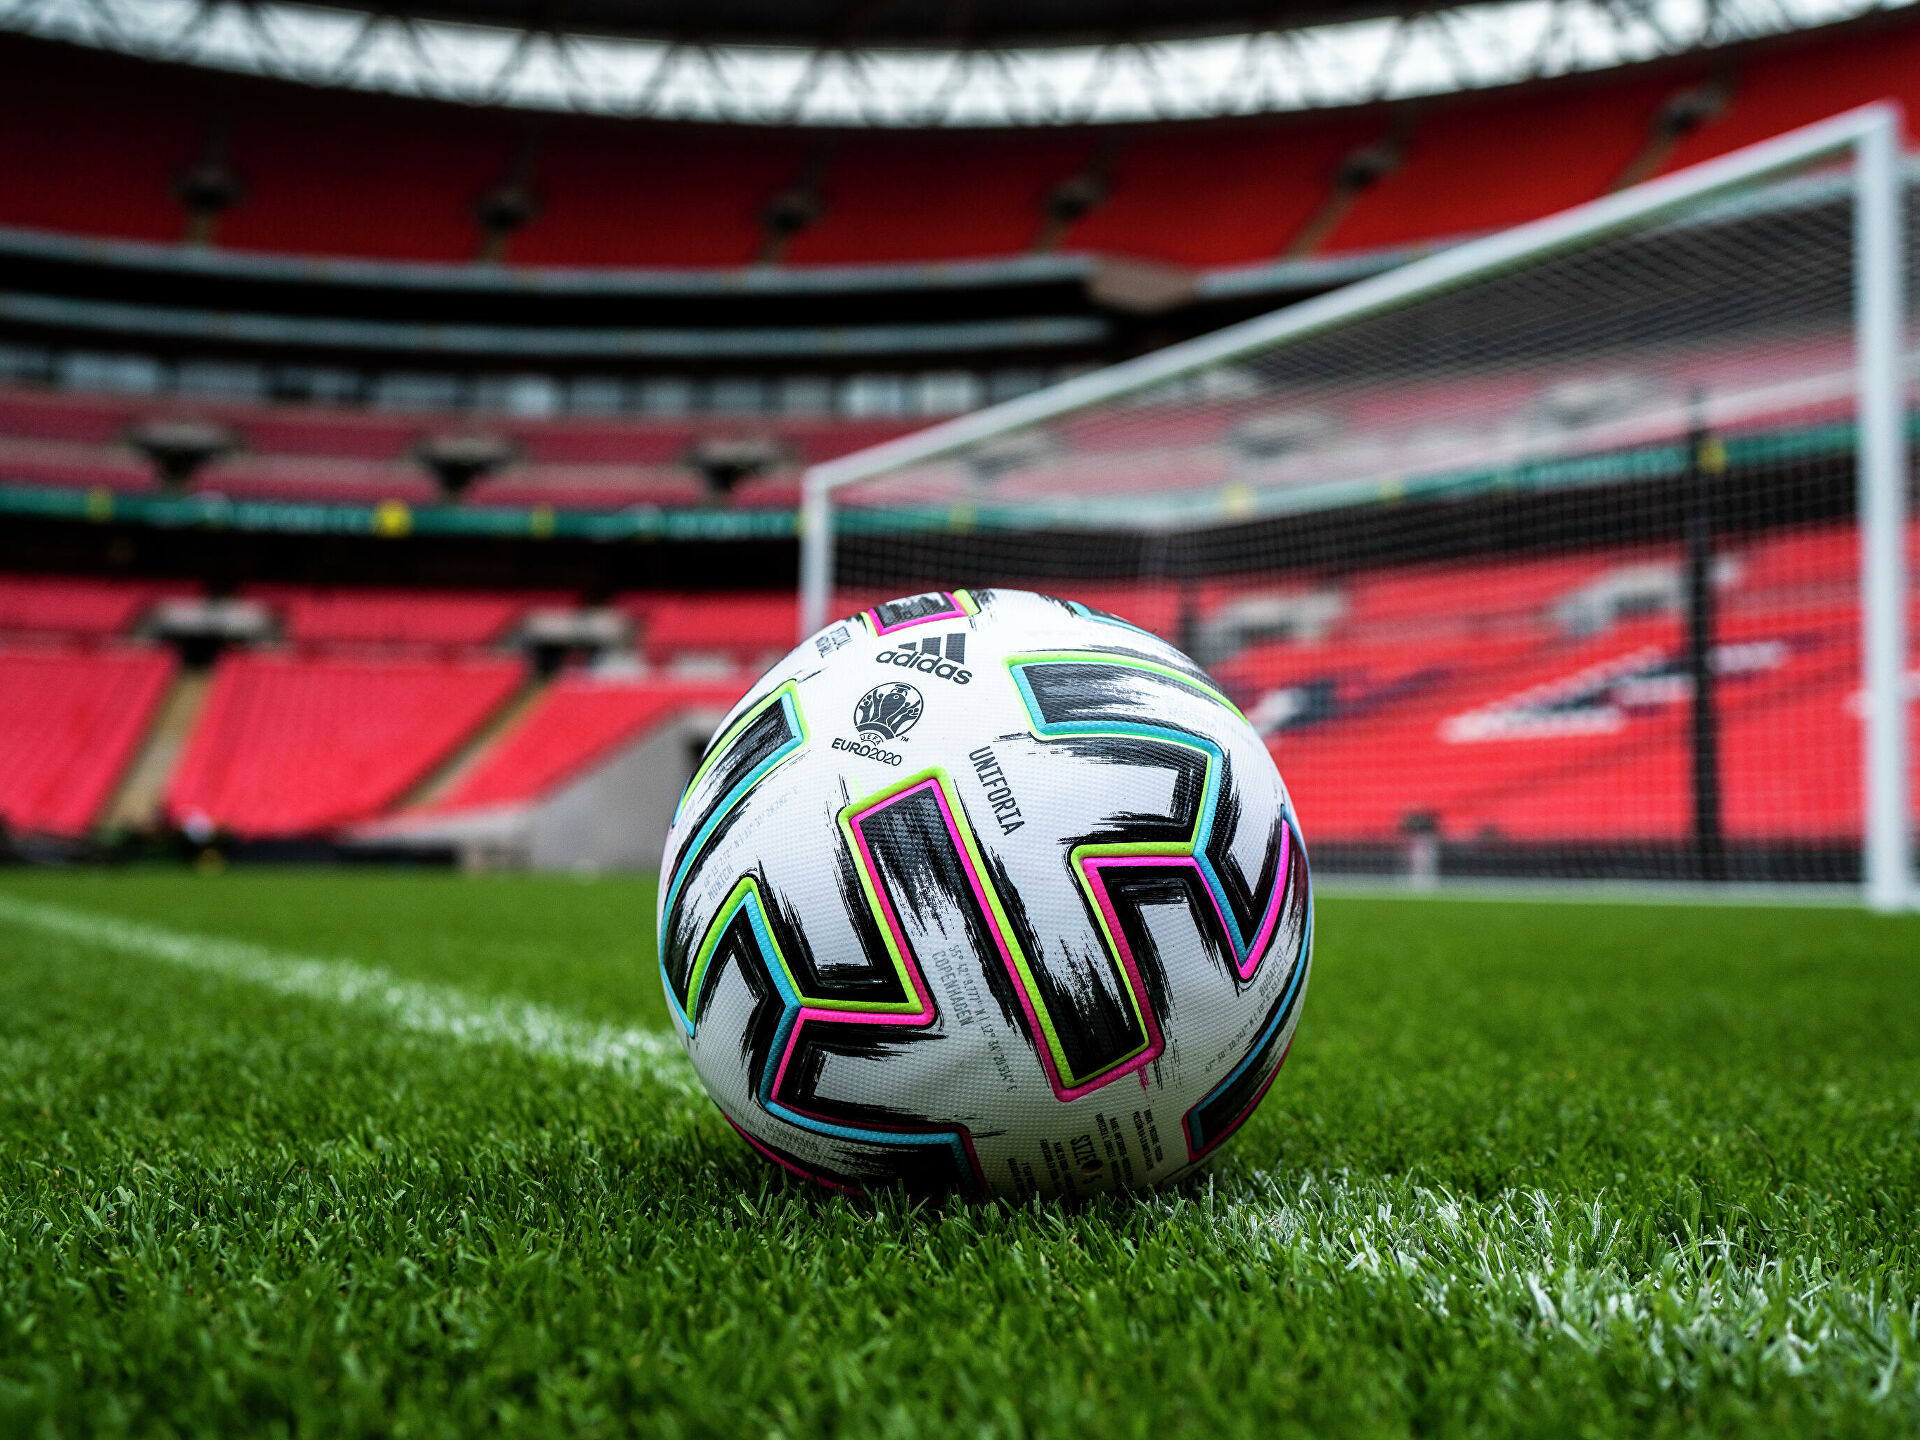 Расстановка приоритетов в спорте: почему тратят много денег на безрезультативный футбол?